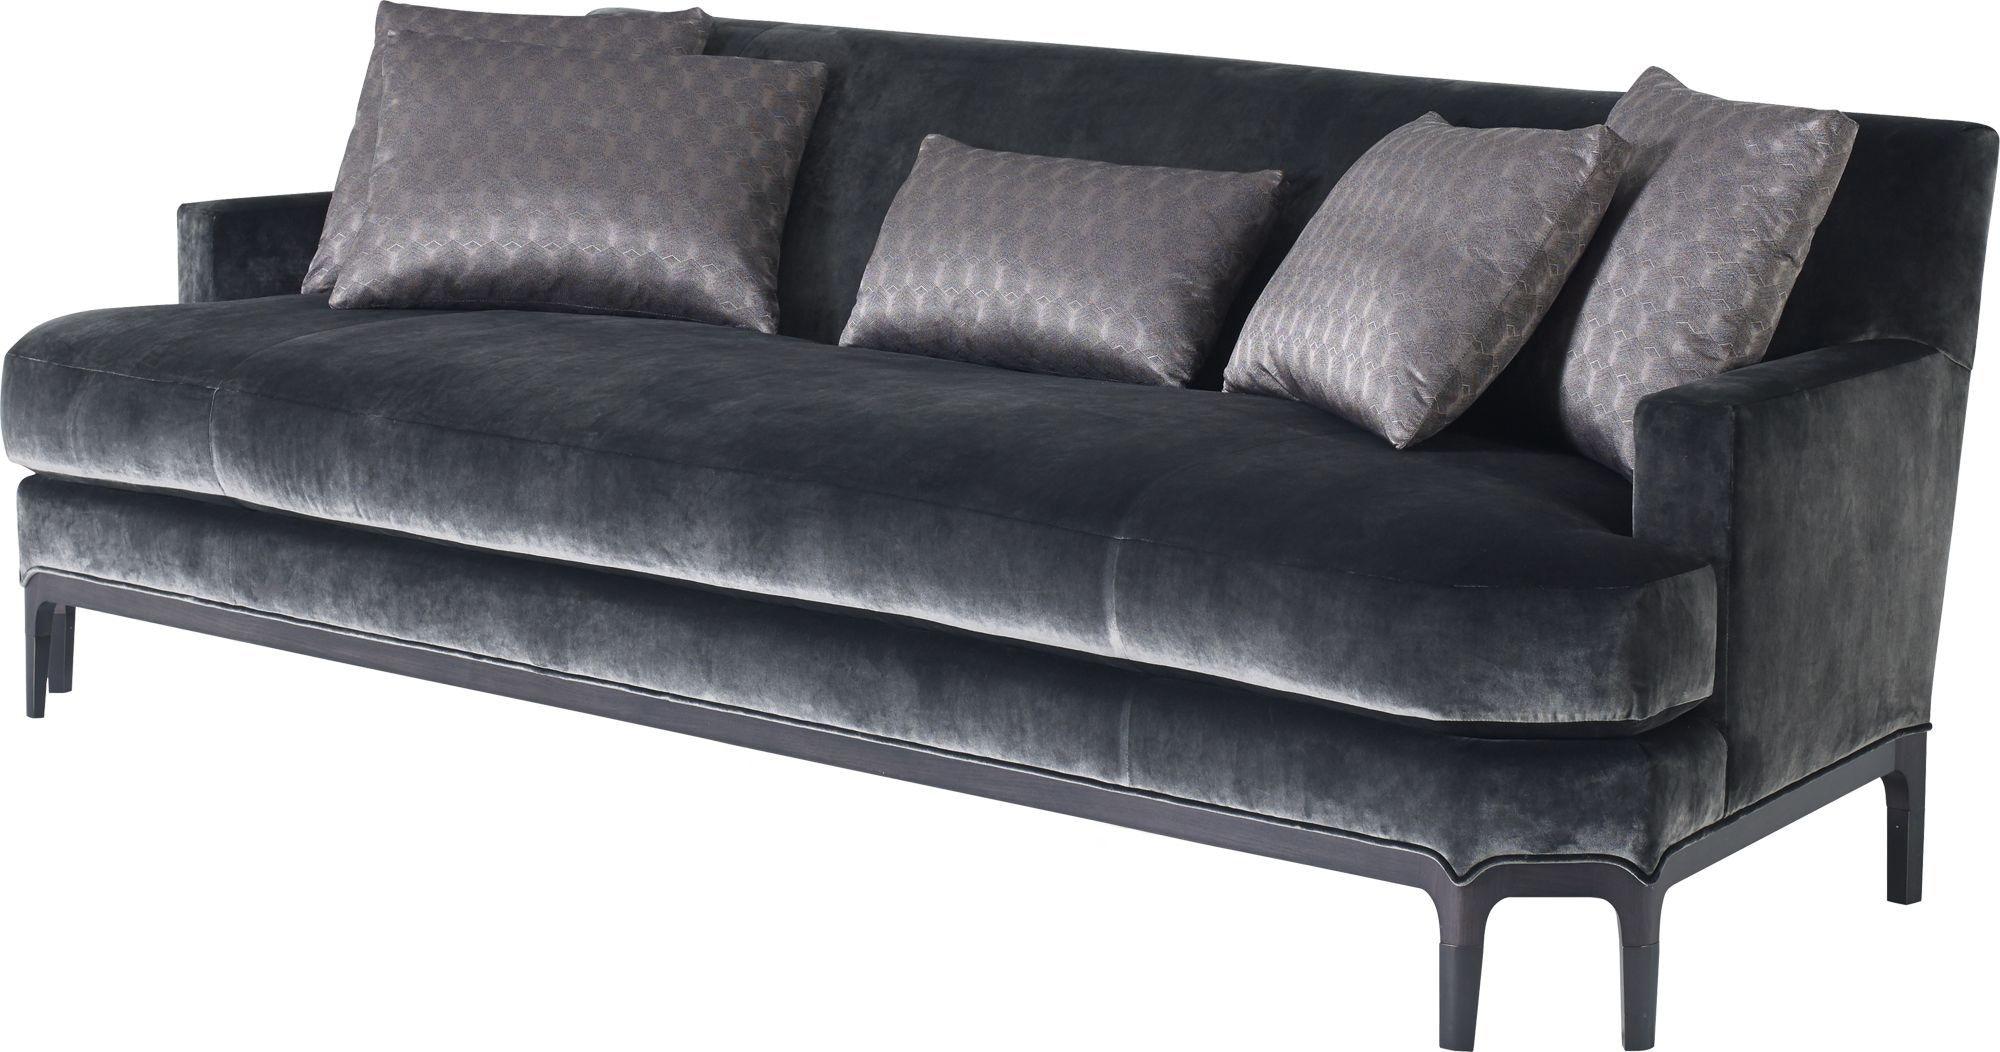 Baker Living Room Celestite Sofa 6179s Studio 882 Glen